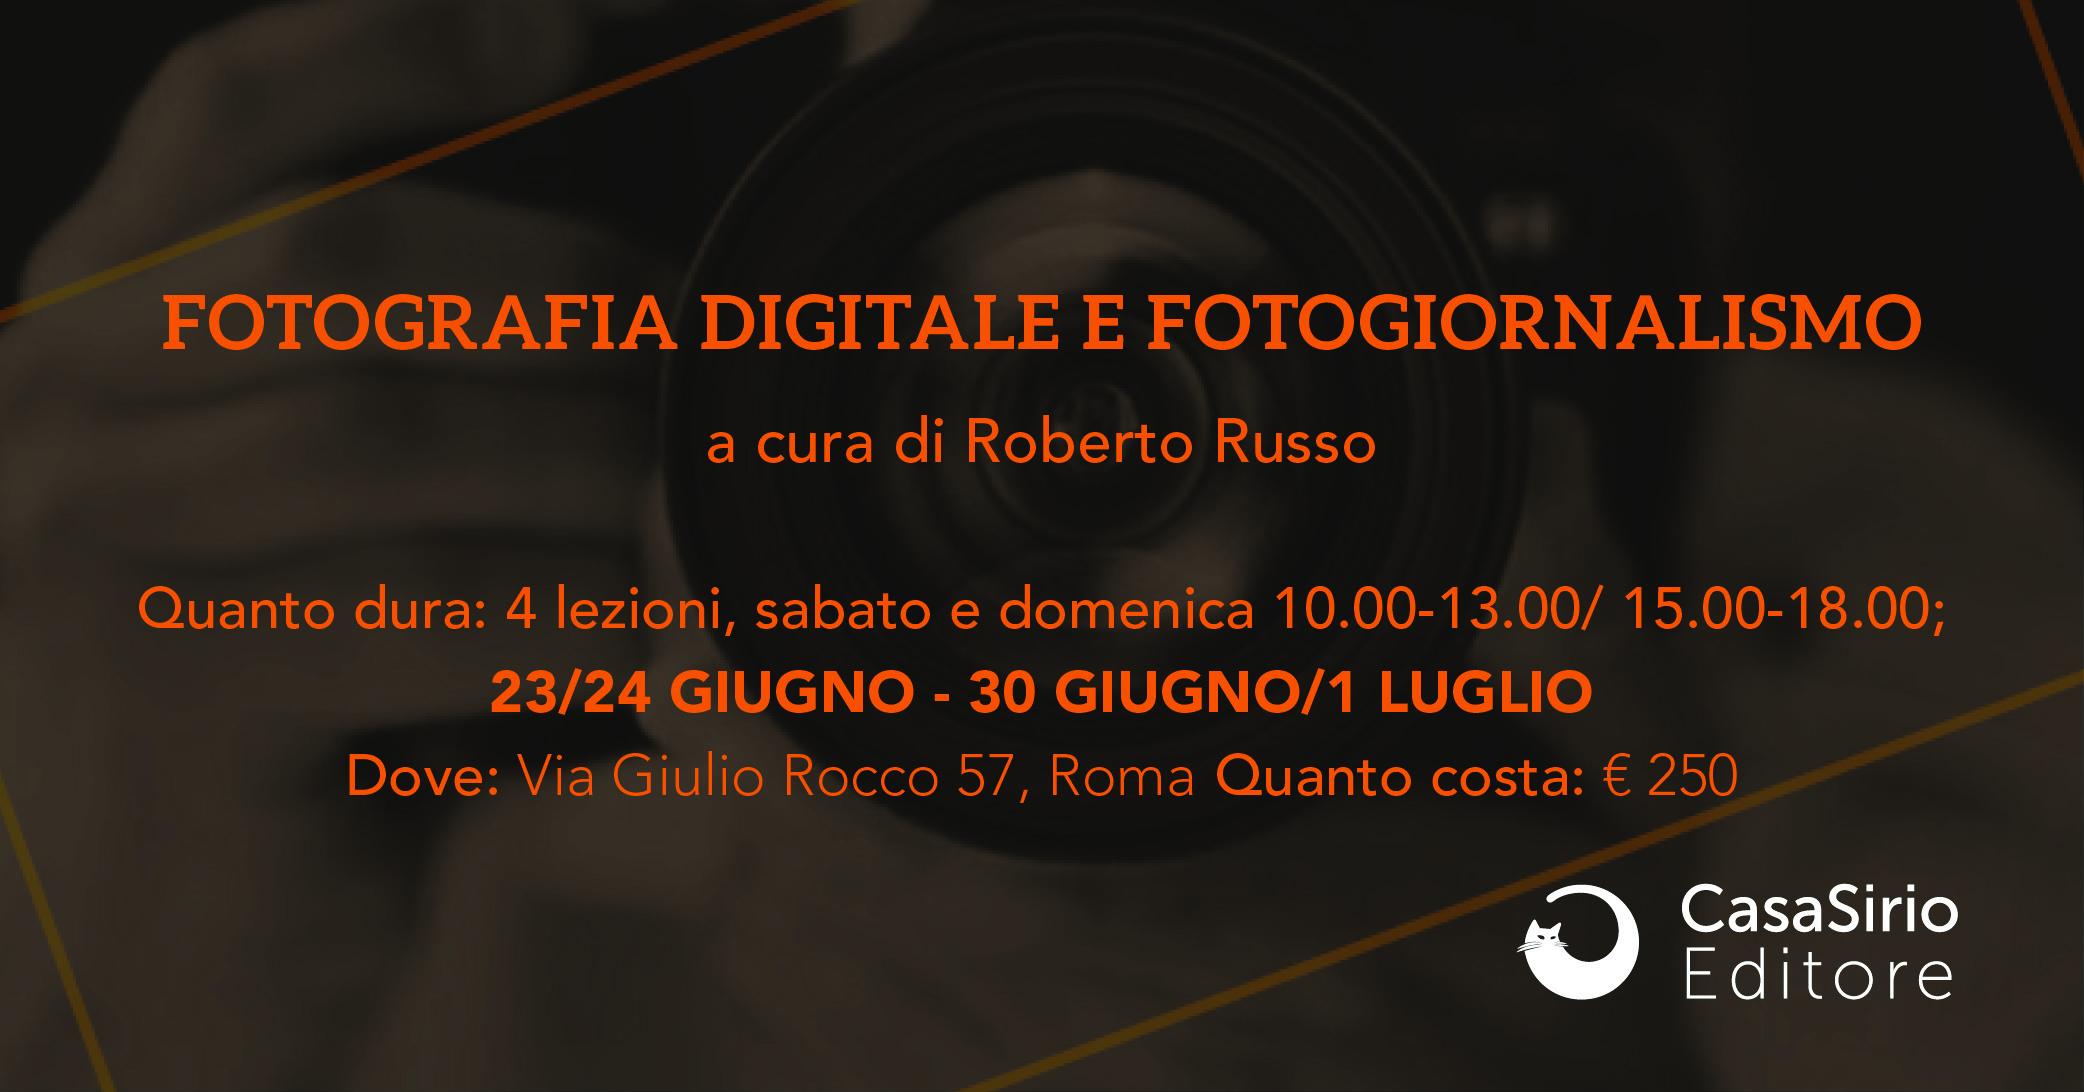 Fotografia digitale e Fotogiornalismo